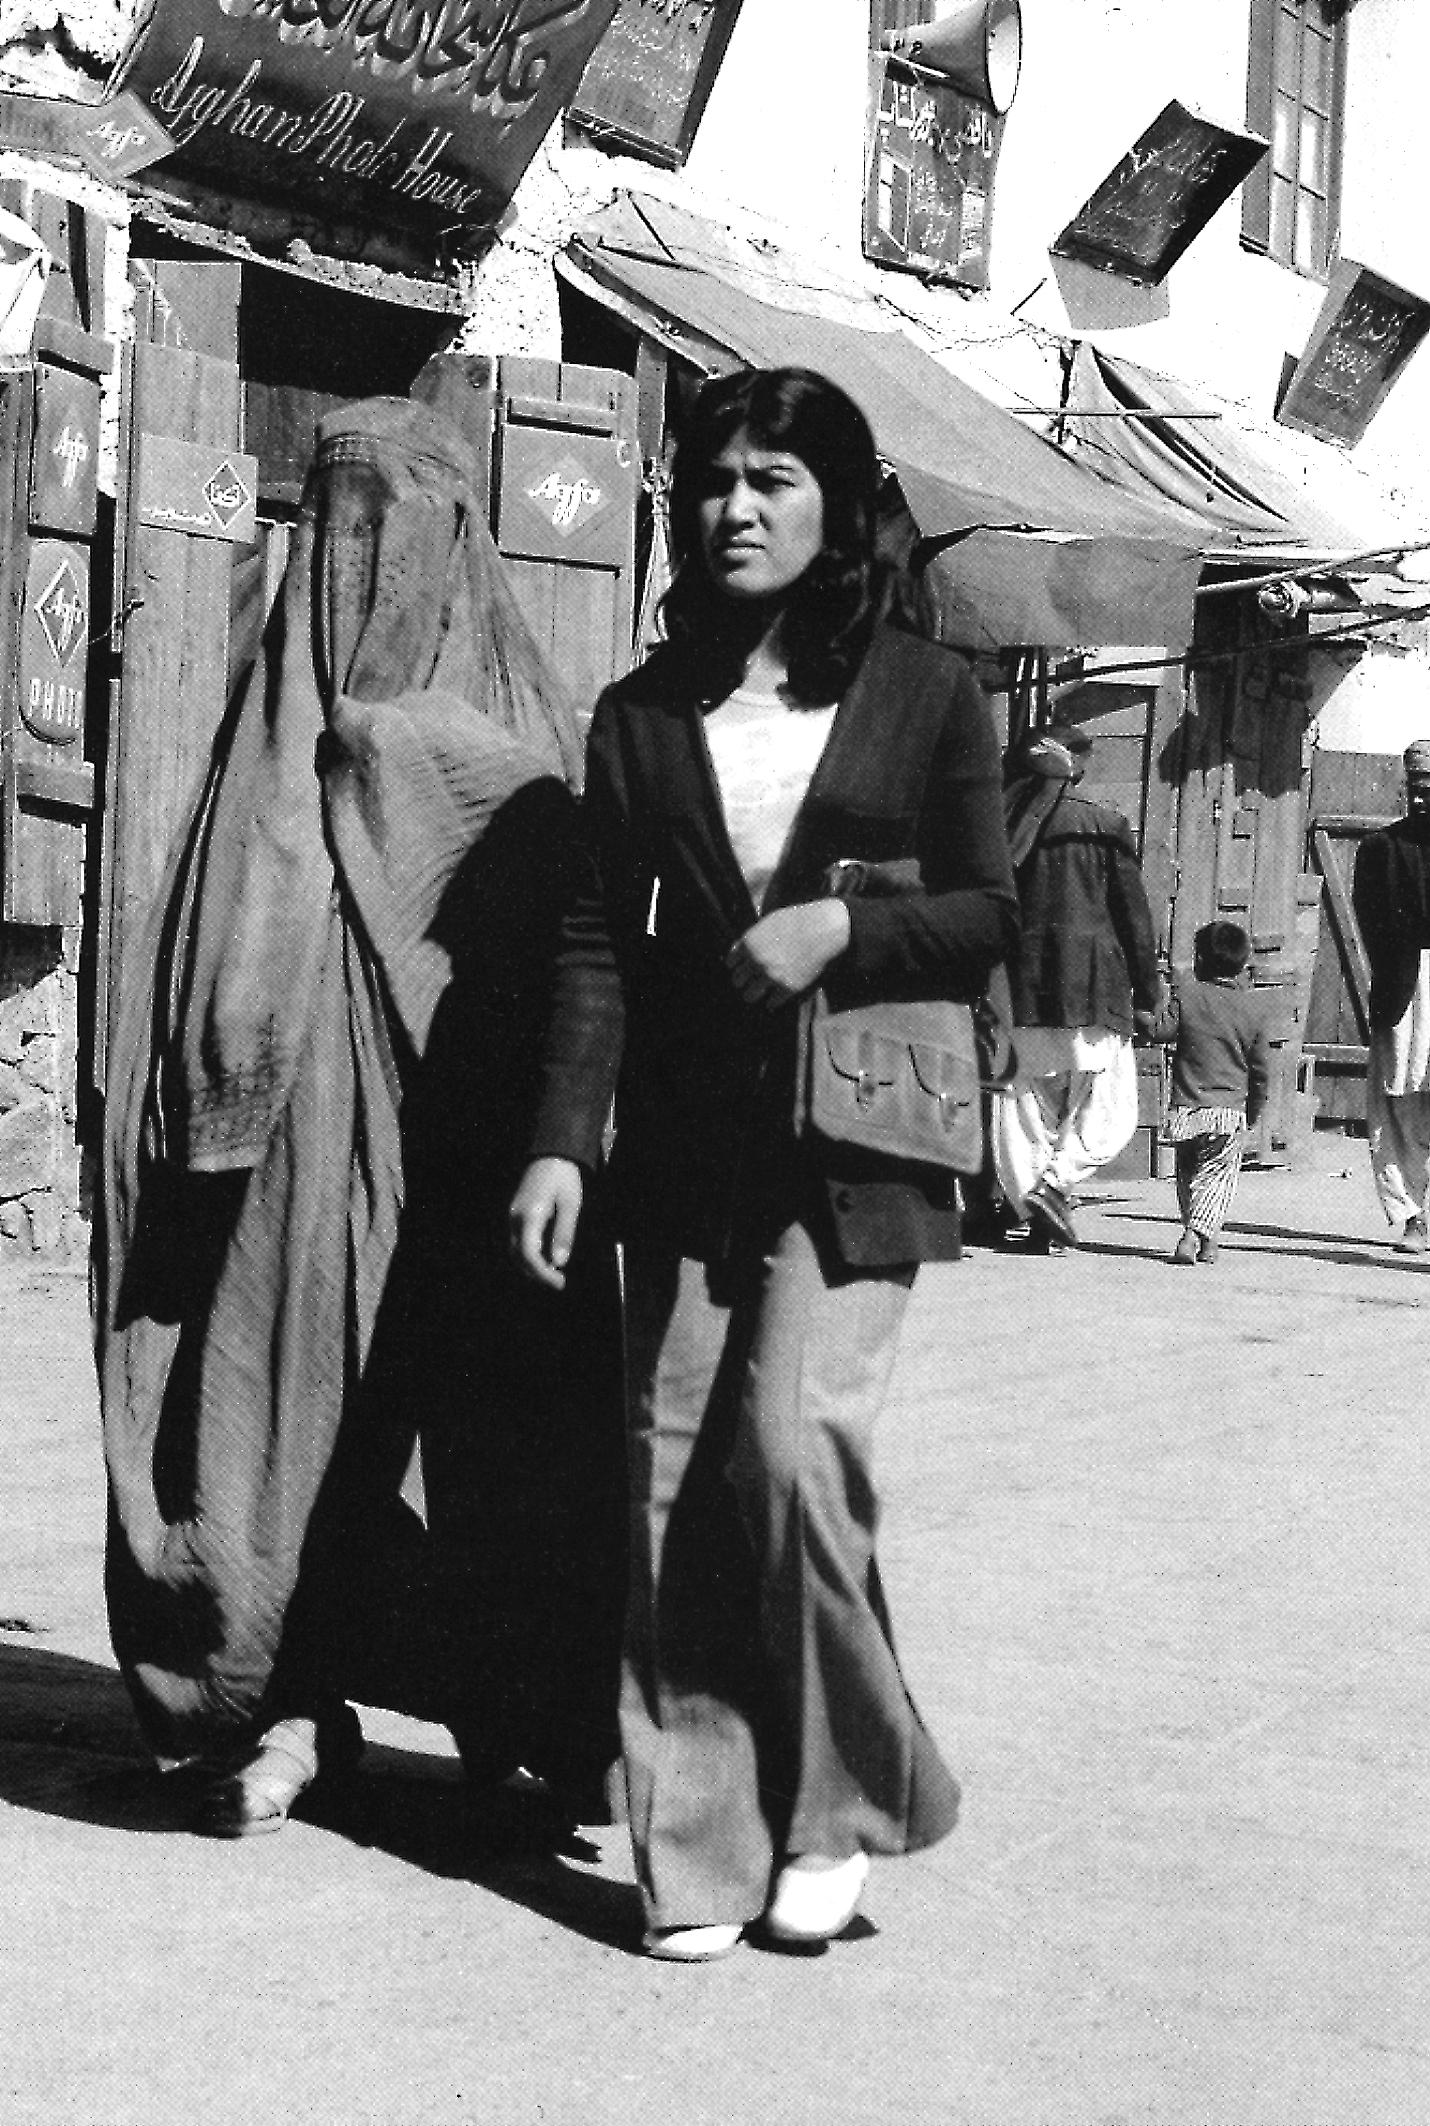 I 1970'erne blev det stadig mere almindeligt for yngre, uddannede kvinder at klæde sig vestligt uden slør og hovedtørklæde. Foto: Moesgård Museum